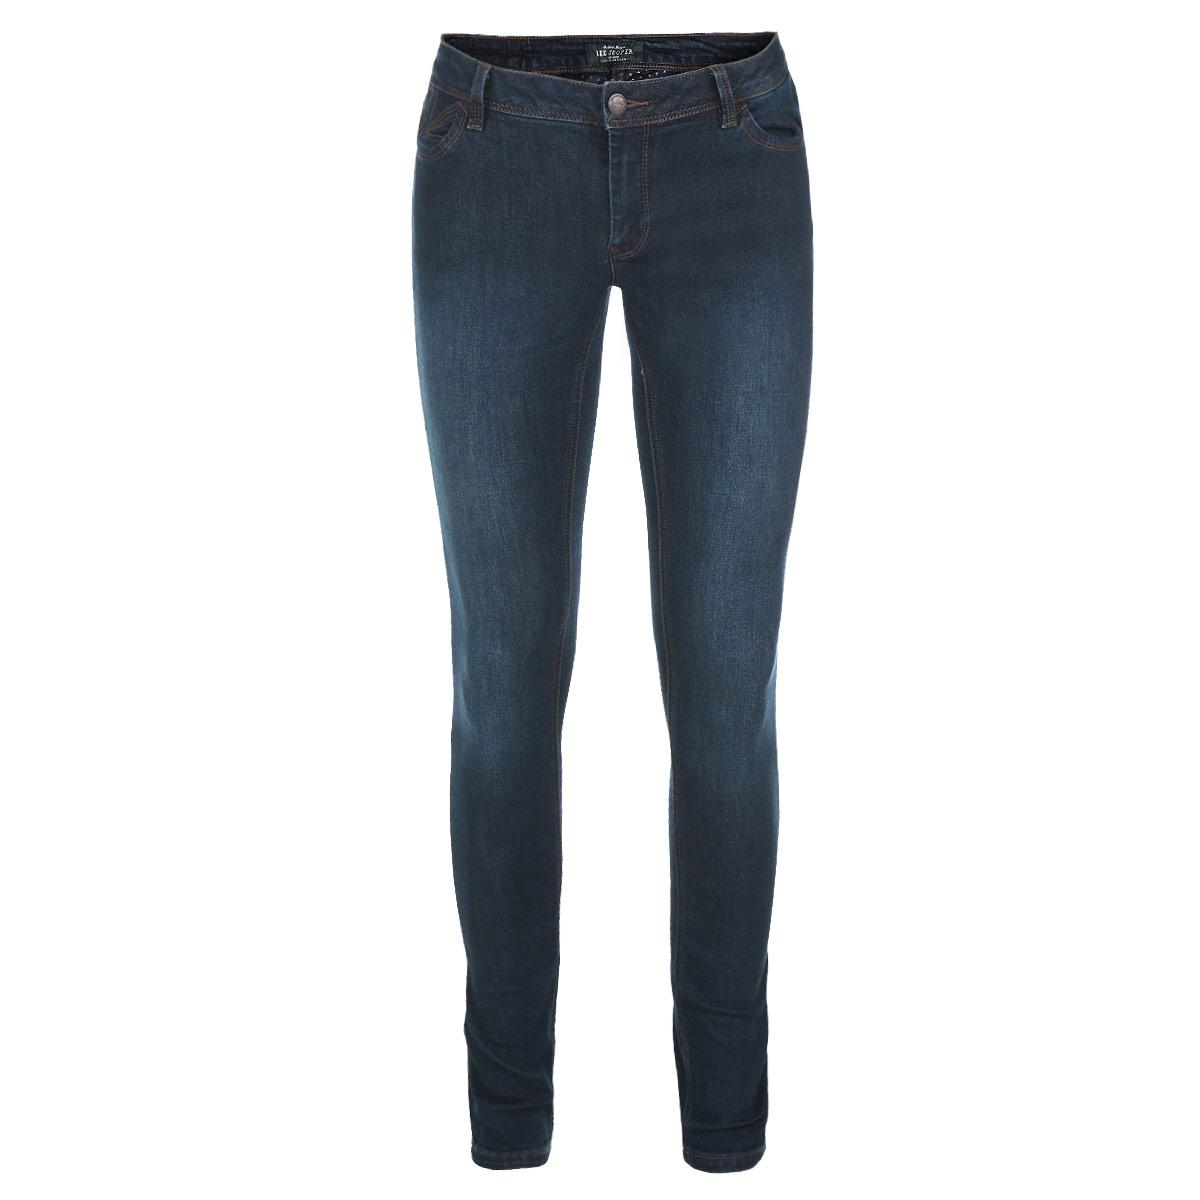 Джинсы женские. PearlPearl/StonenavyДжинсы женские Lee Cooper Pearl - джинсы высочайшего качества, которые прекрасно сидят. Они изготовлены из высококачественного материала и созданы специально для того, чтобы подчеркивать достоинства вашей фигуры. Джинсы-слим на талии застегиваются с помощью металлической пуговицы и имеют ширинку на застежке-молнии, а также шлевки для ремня. Спереди модель дополнена двумя втачными карманами, а сзади - двумя накладными карманами. Оформлено изделие прострочкой, металлическими клепками и легким эффектом потертости. Эти модные и в тоже время комфортные джинсы послужат отличным дополнением к вашему гардеробу. В них вы всегда будете чувствовать себя уютно и комфортно.